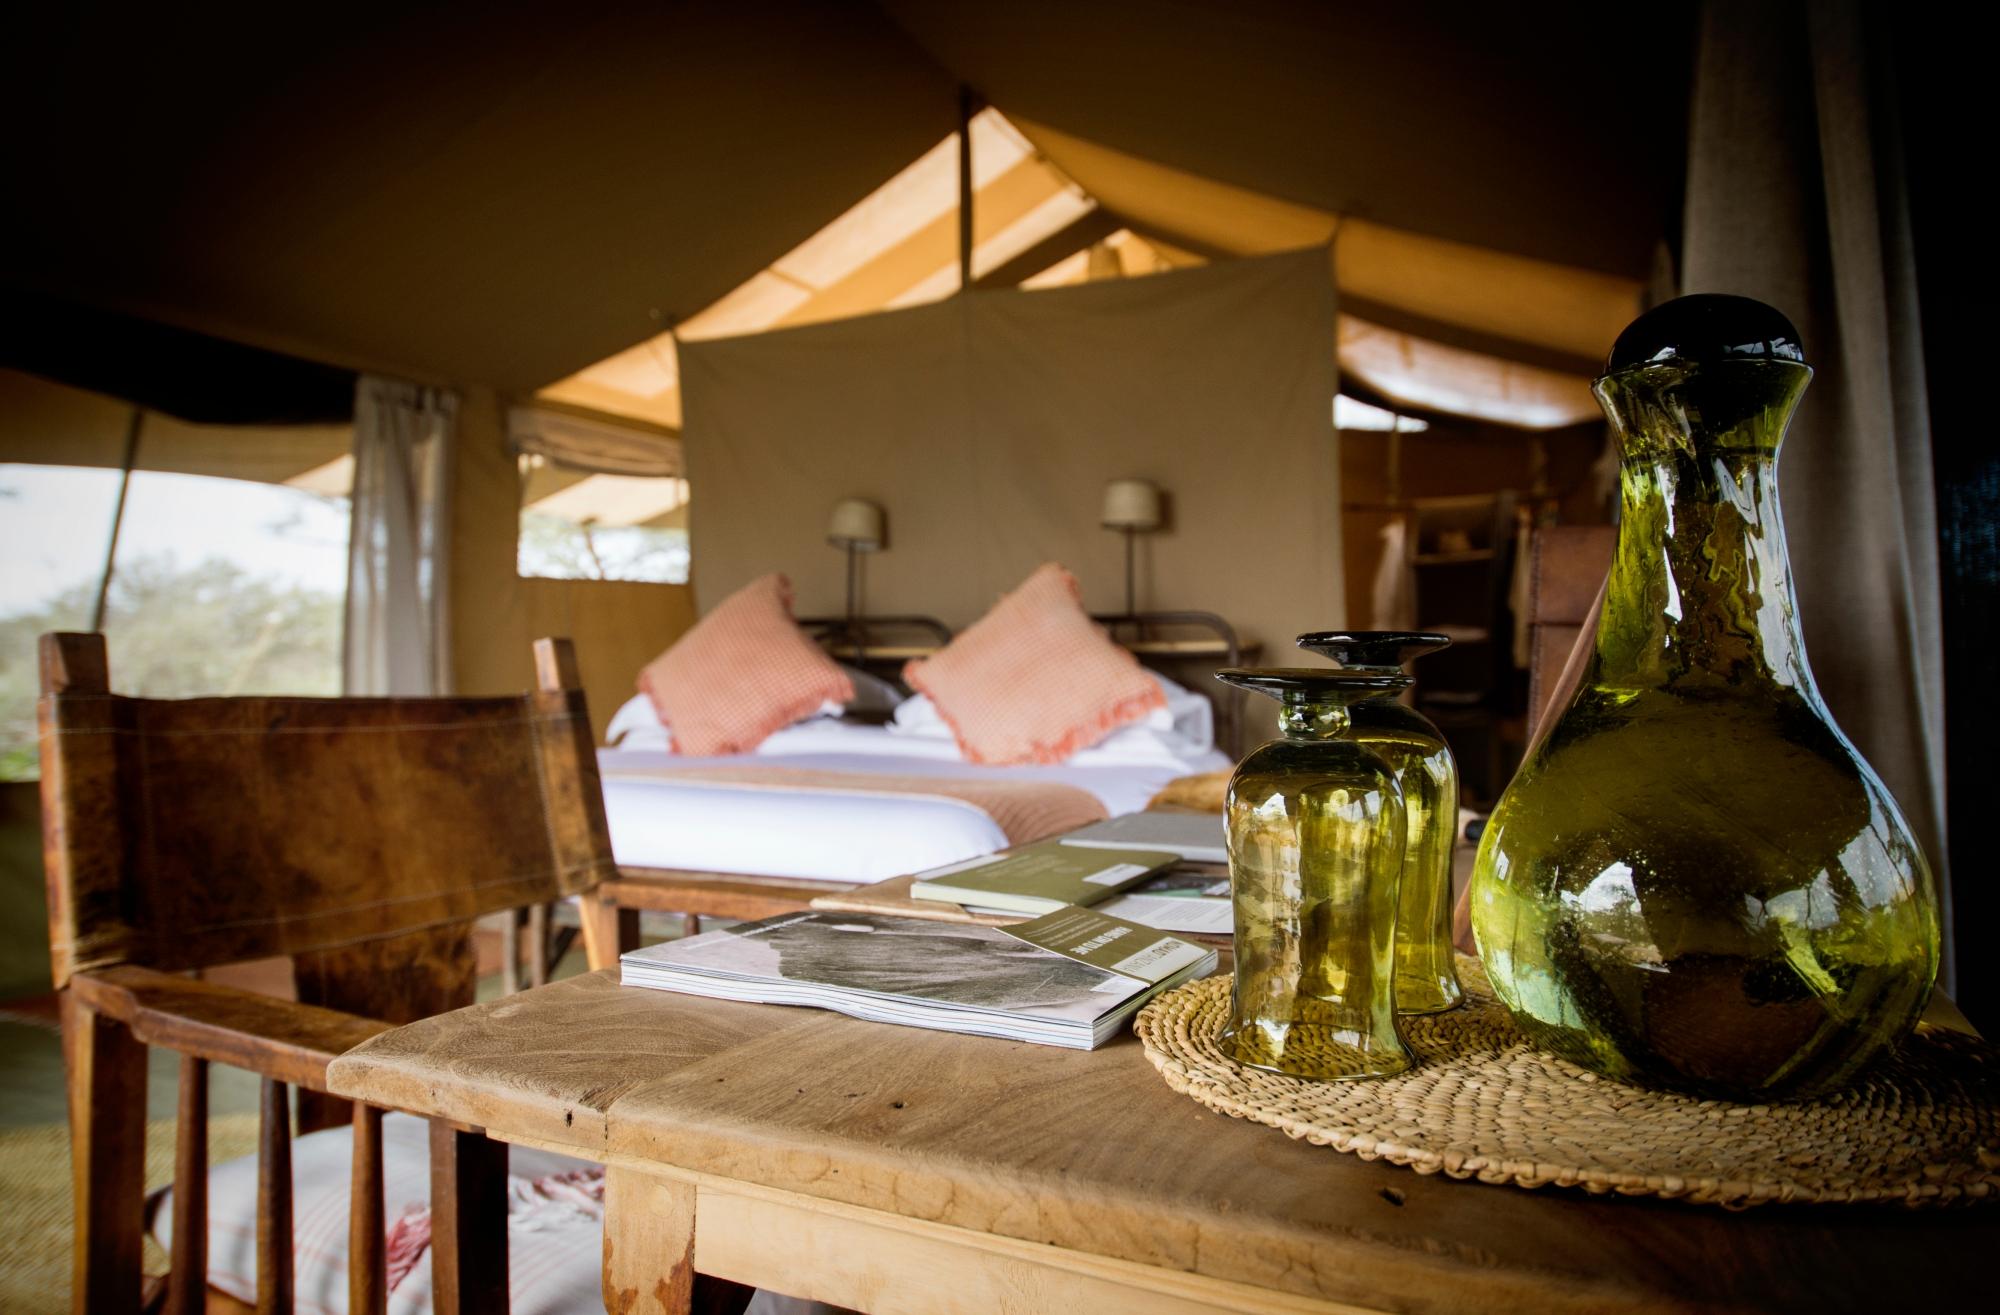 tent furniture. Tent Furniture. Serengeti Safari Camp\\u0027s Main Foci, The Mess Tents, Consist Furniture A